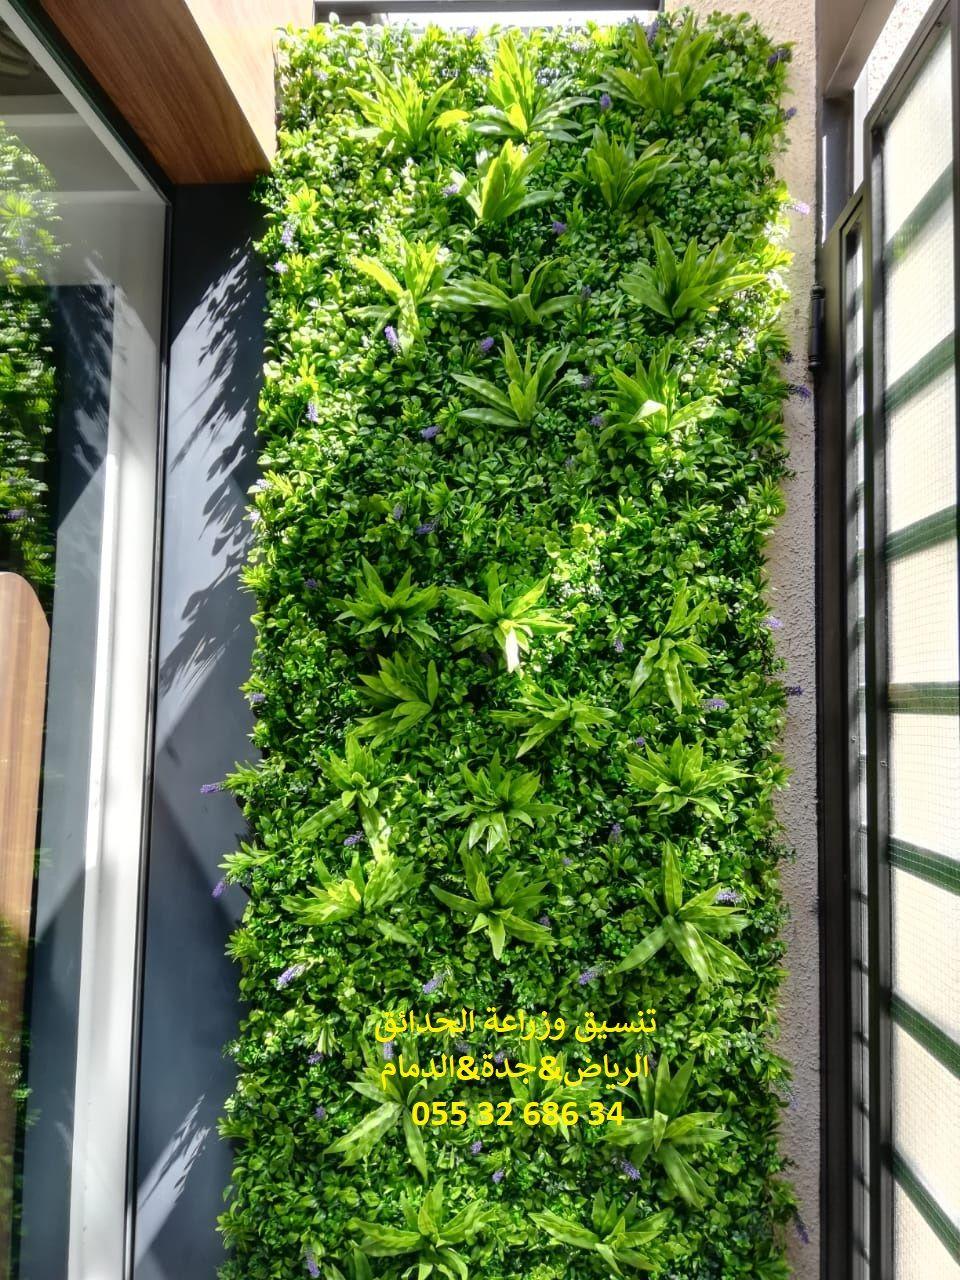 تنسيق الحدائق الصغيرة تصميم الحدائق المنزلية عشب صناعي للحدائق عشب جداري ثري دى موف سعر متر العشب Herbs Plants House